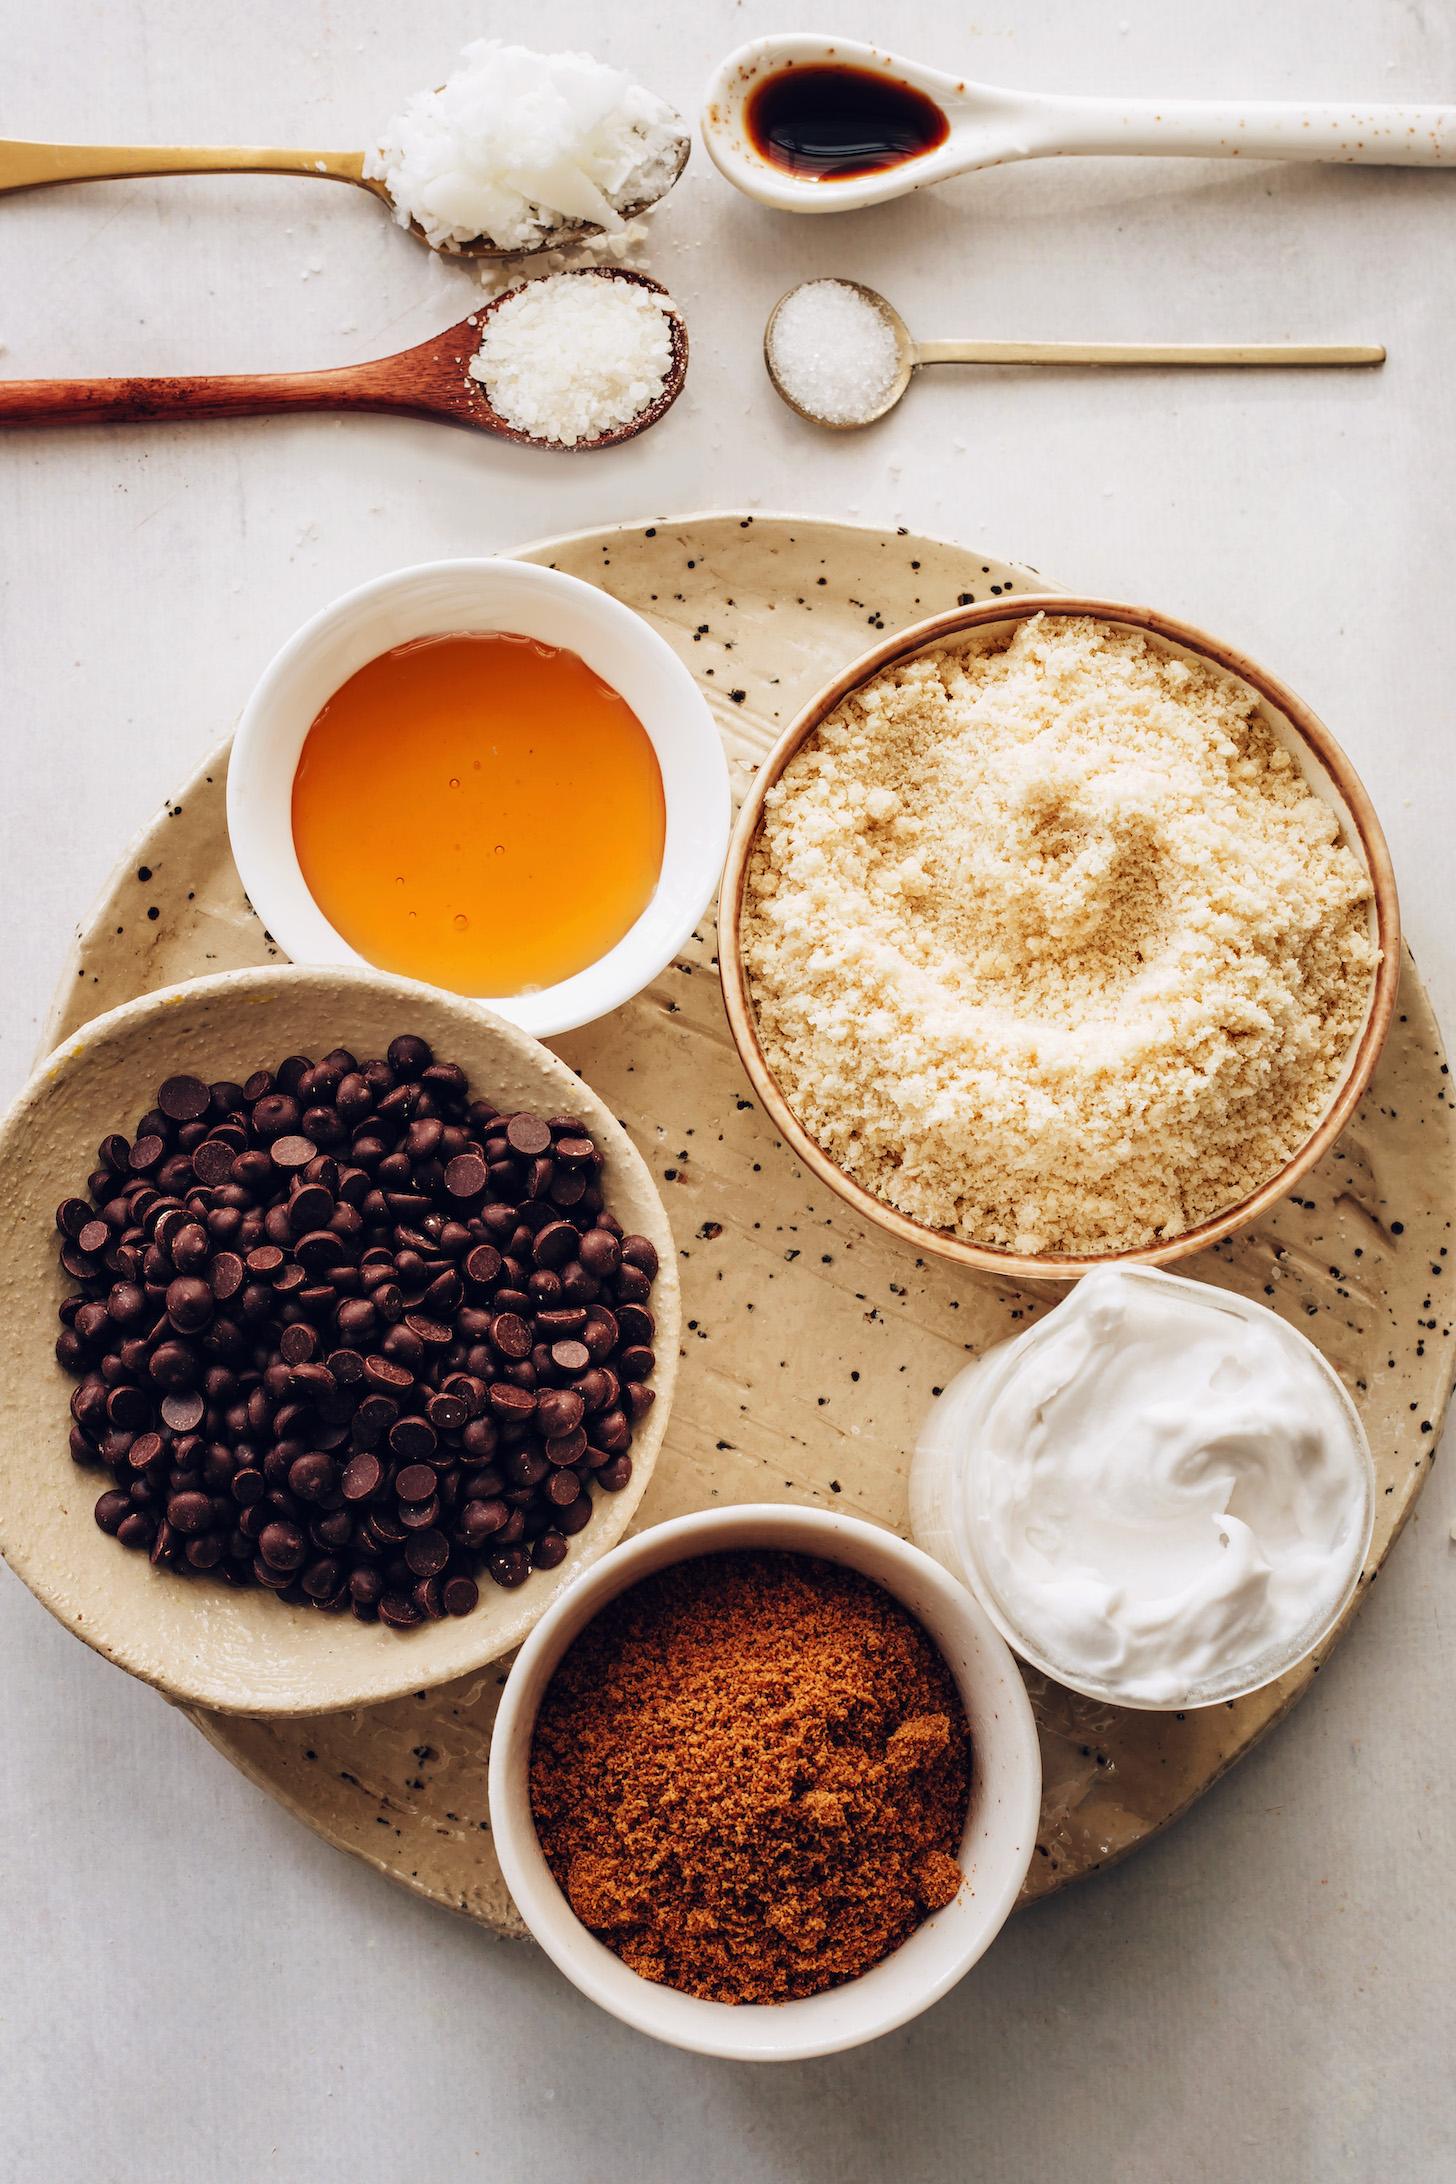 Farine d'amande, lait de coco, sucre de coco, sirop d'érable et pépites de chocolat